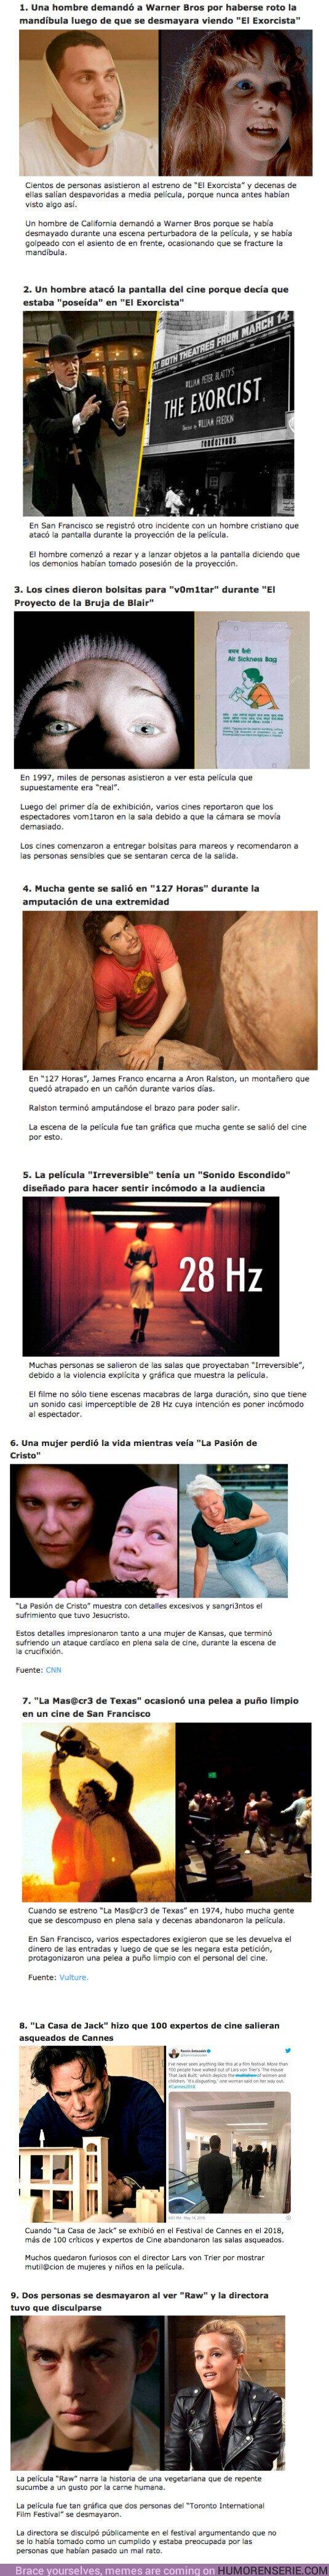 69563 - GALERÍA: 9 Películas de terror que causaron que la gente salga huyendo del cine